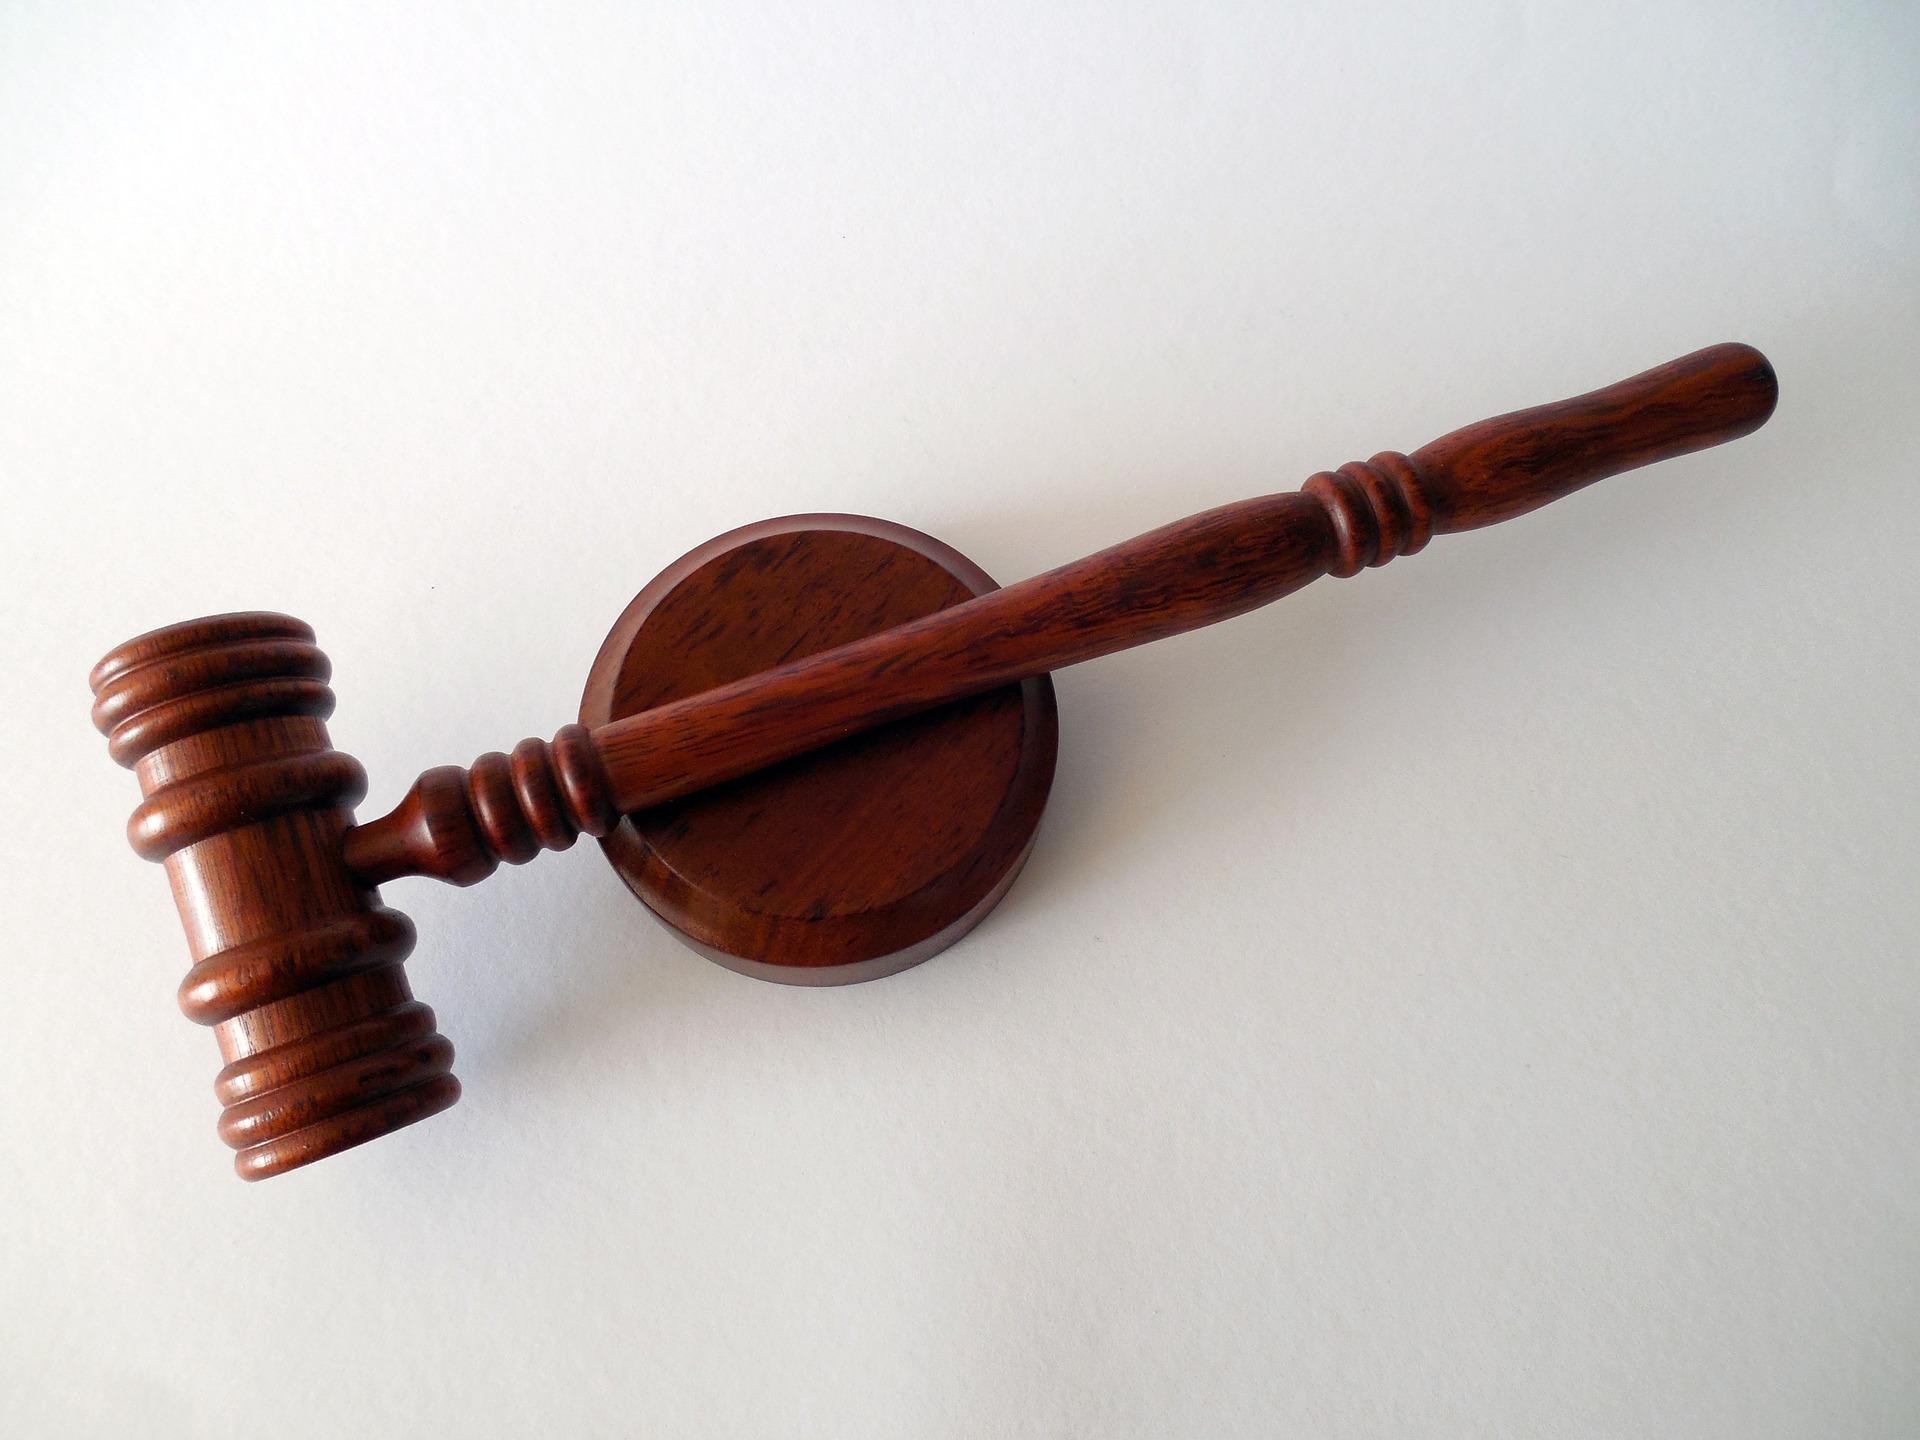 재판할 때 쓰는 망치